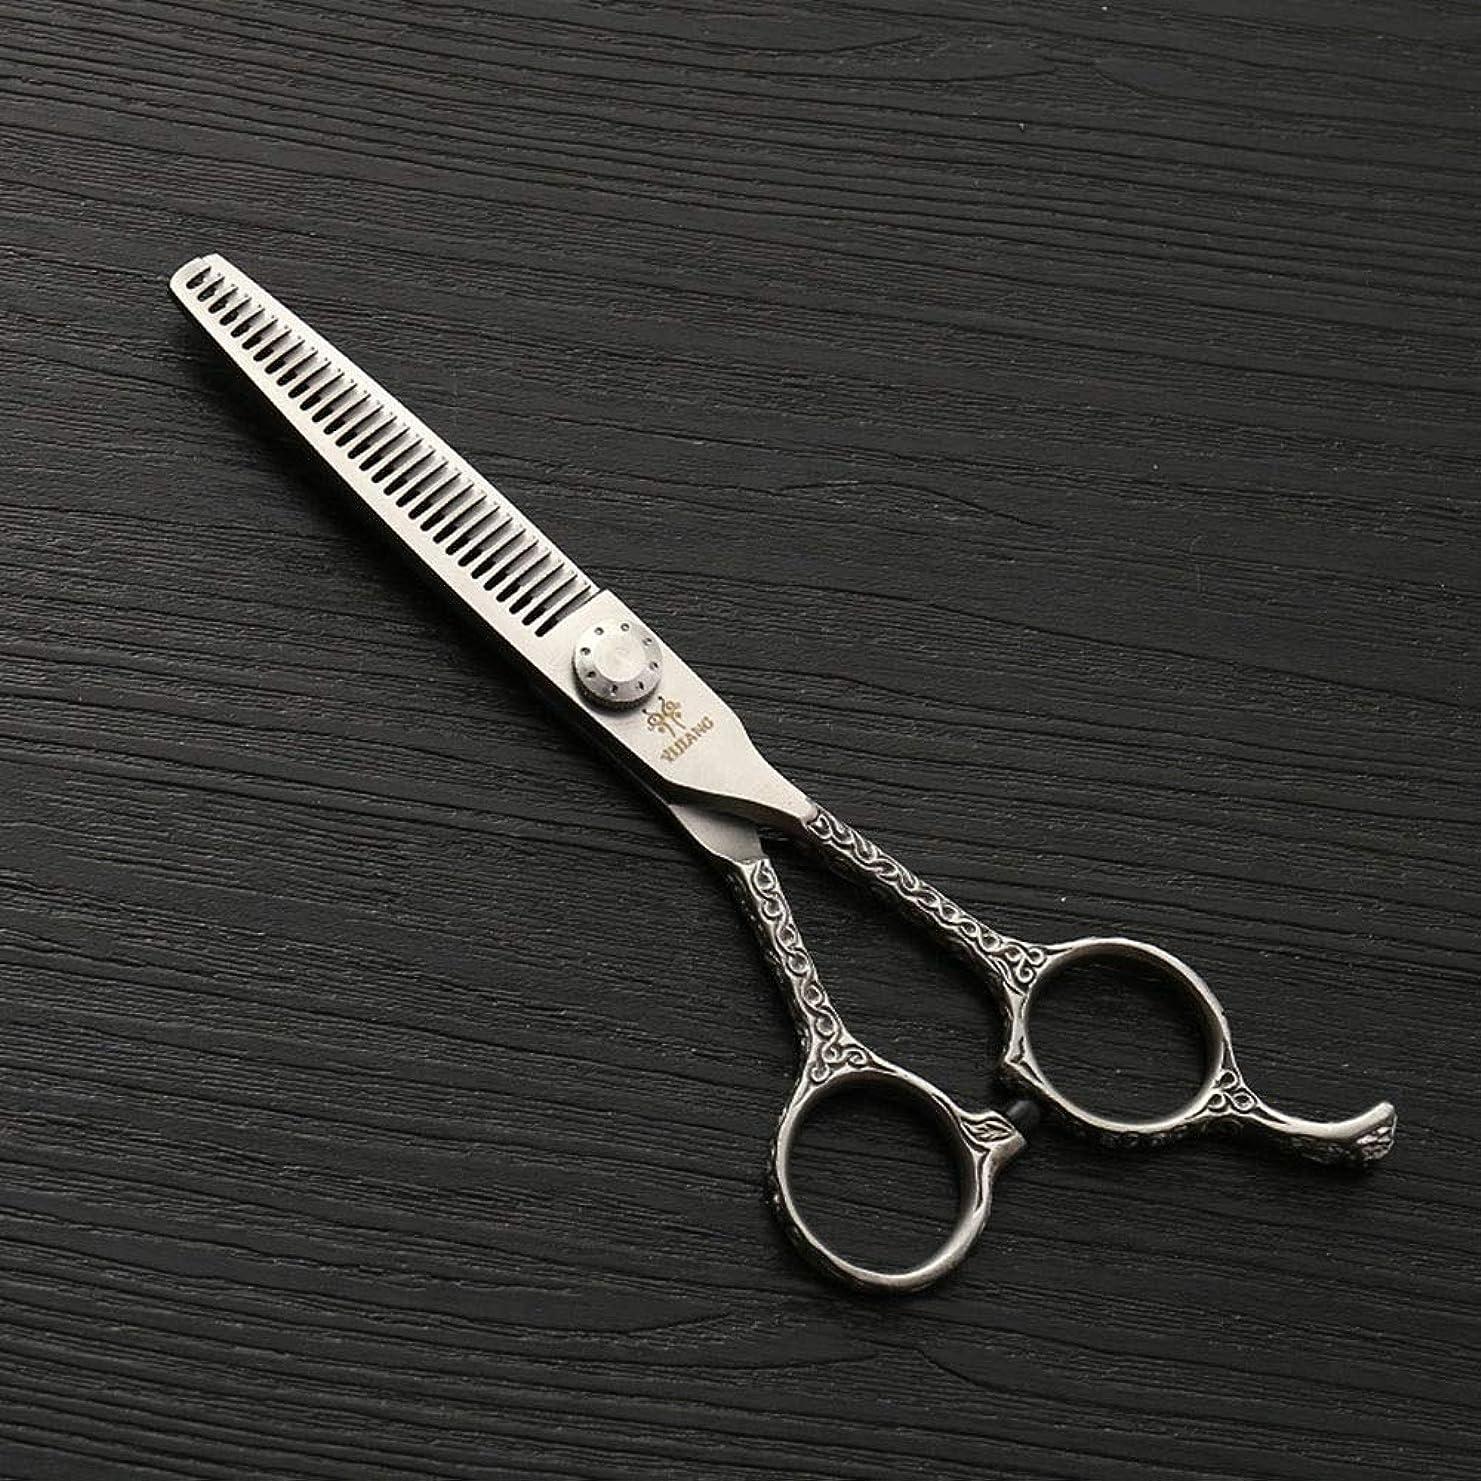 絶望的な非難専ら6インチの美容院の専門のヘアカットScissors440Cのステンレス鋼 ヘアケア (色 : Silver)